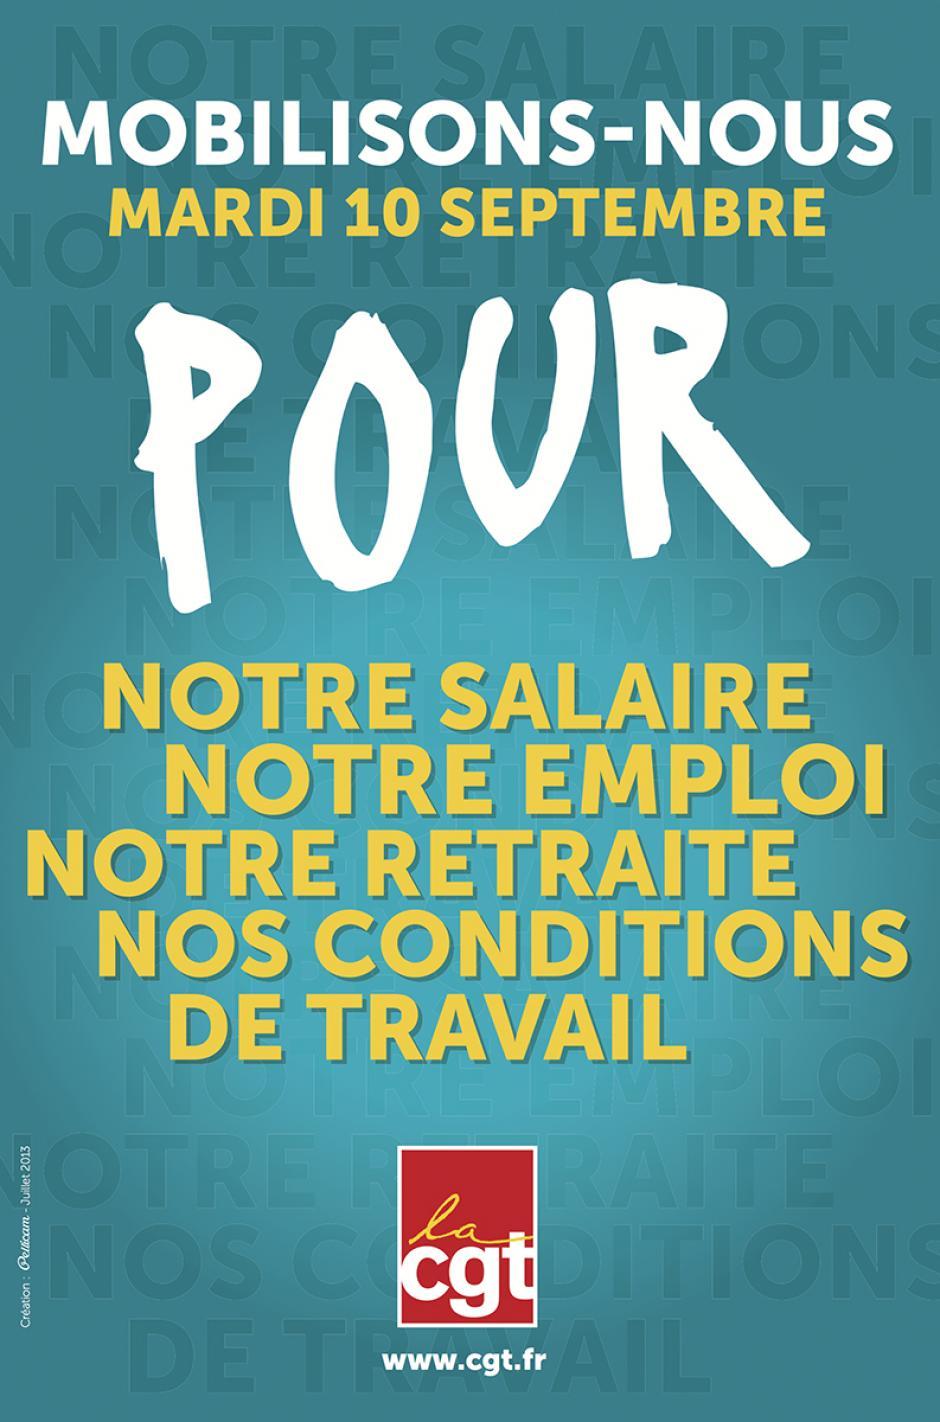 10 septembre, France - Journée nationale d'action interprofessionnelle pour notre salaire, notre emploi, notre retraite, nos conditions de travail